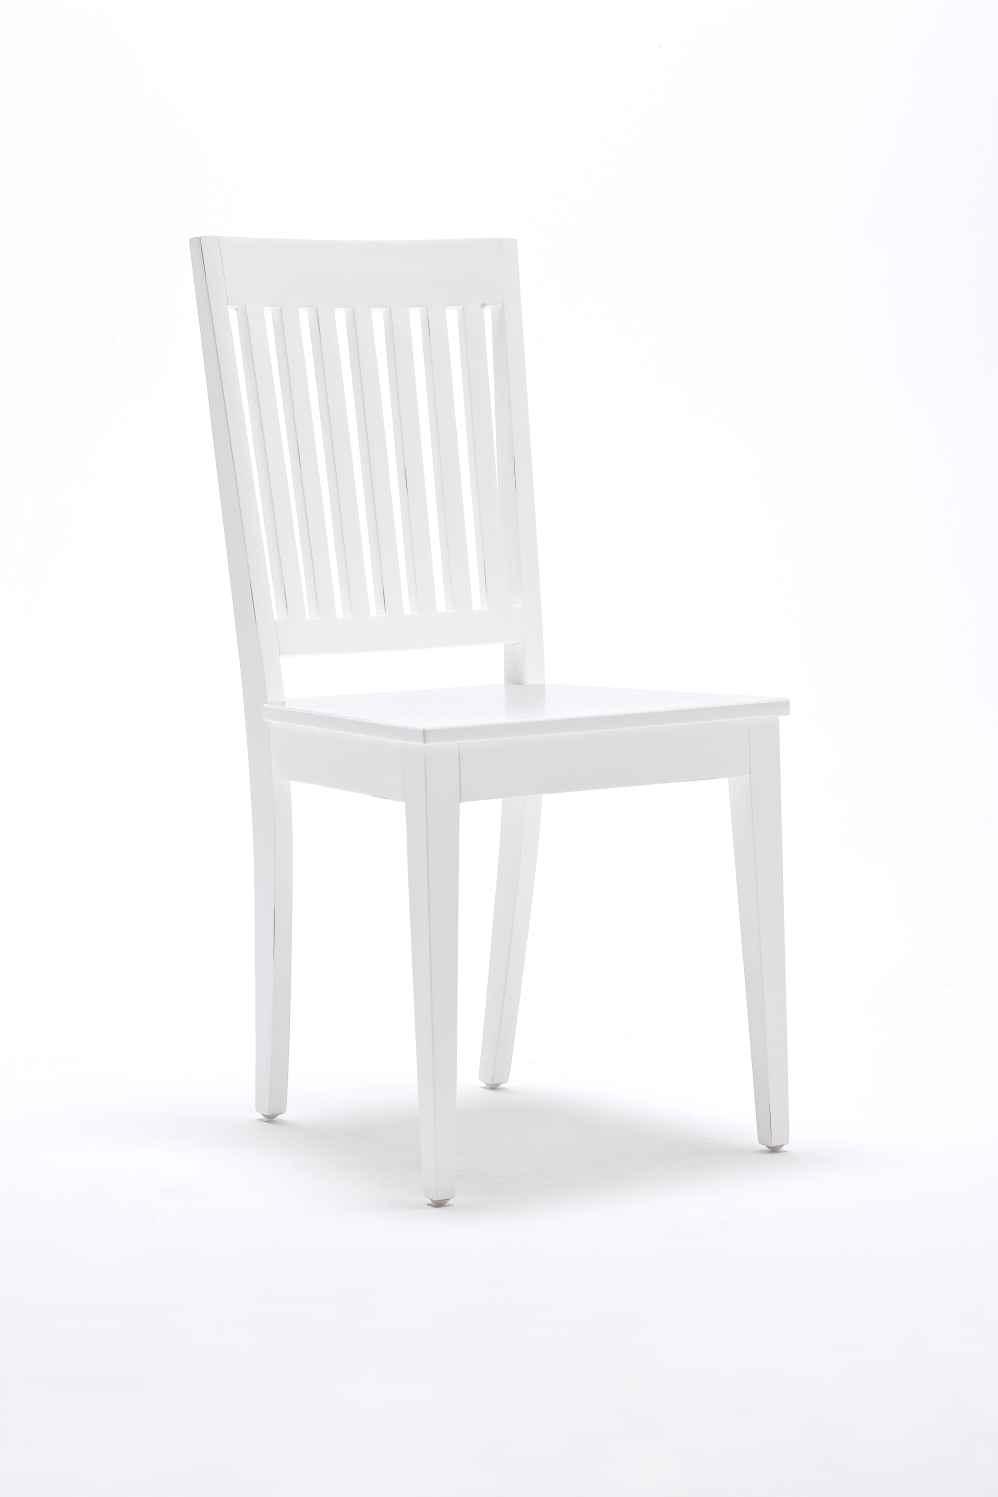 Novasolo halifax spisebordsstol med hynde fra novasolo på boboonline.dk